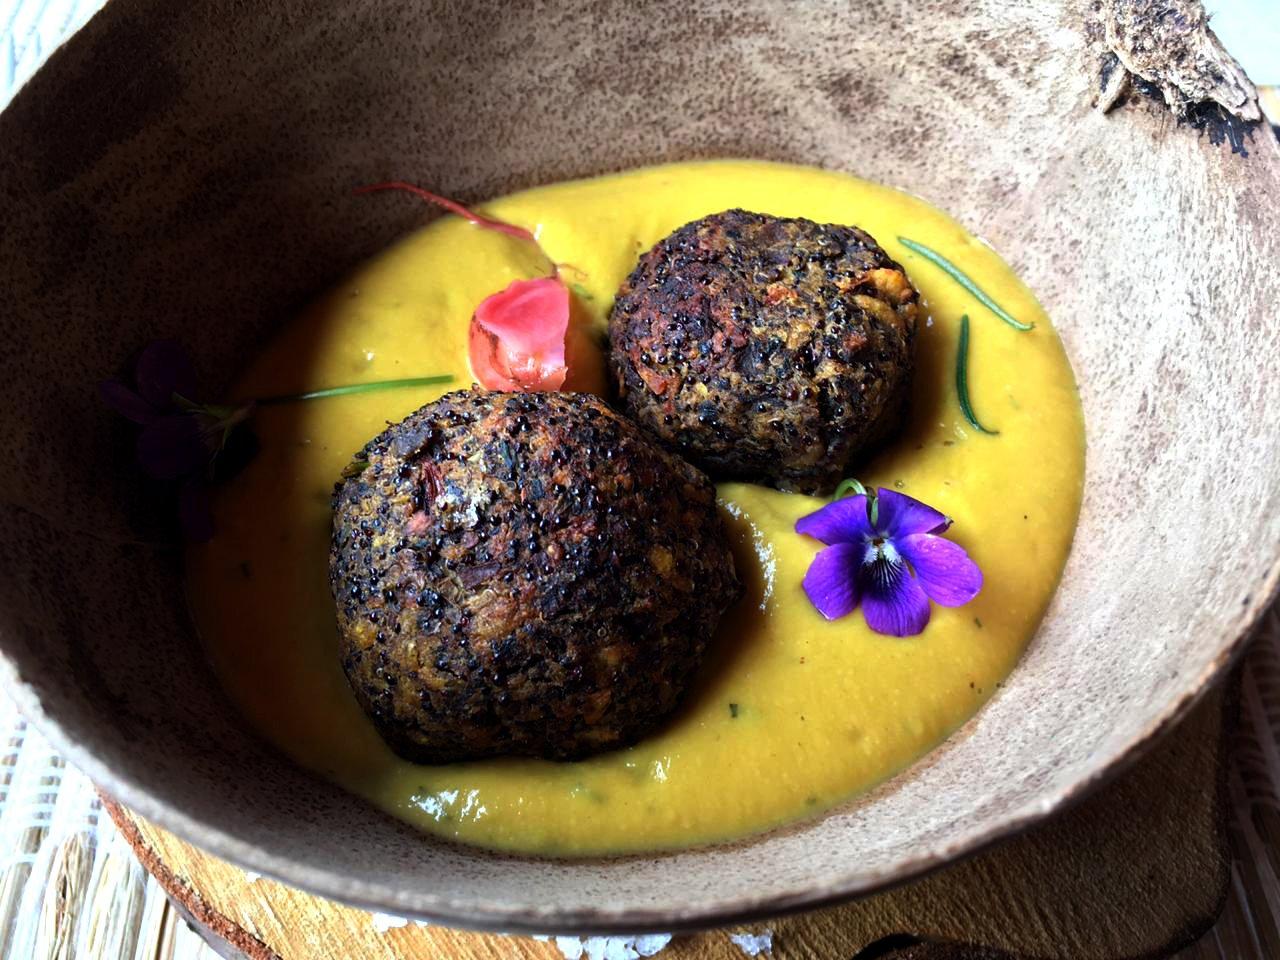 Bolón de portobellos y amaranto negro relleno de camarón en salsa de zapallo al coco con Amati (bebida de amaranto con maracuyá y uvilla)